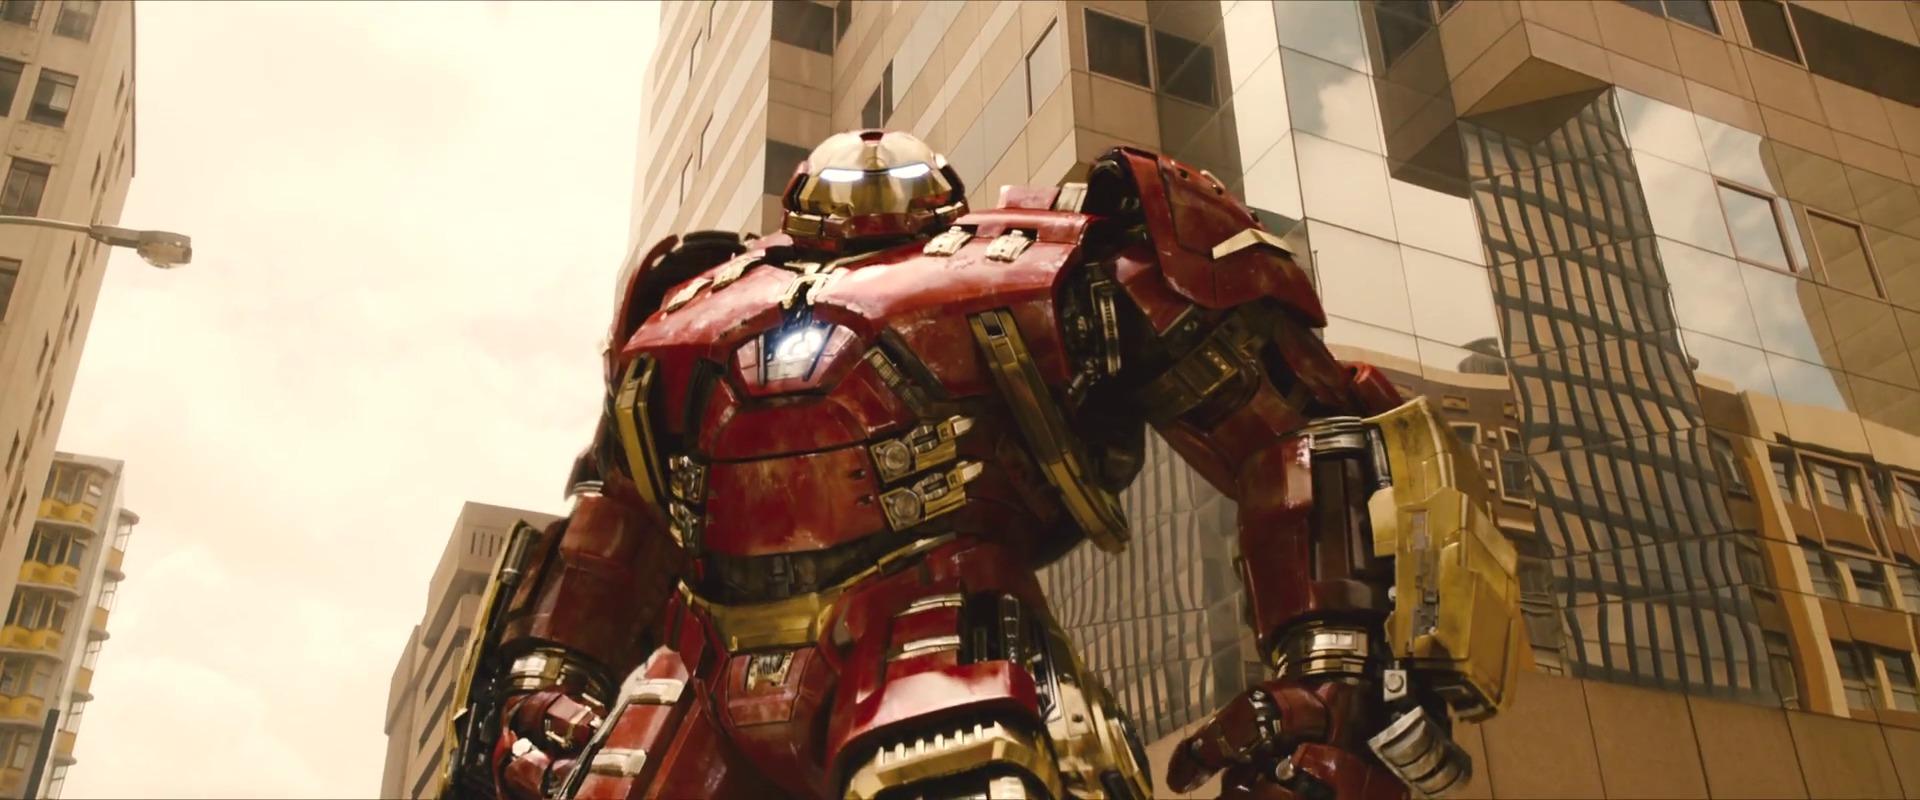 Es la armadura Hulkbuster la más popular de Iron Man